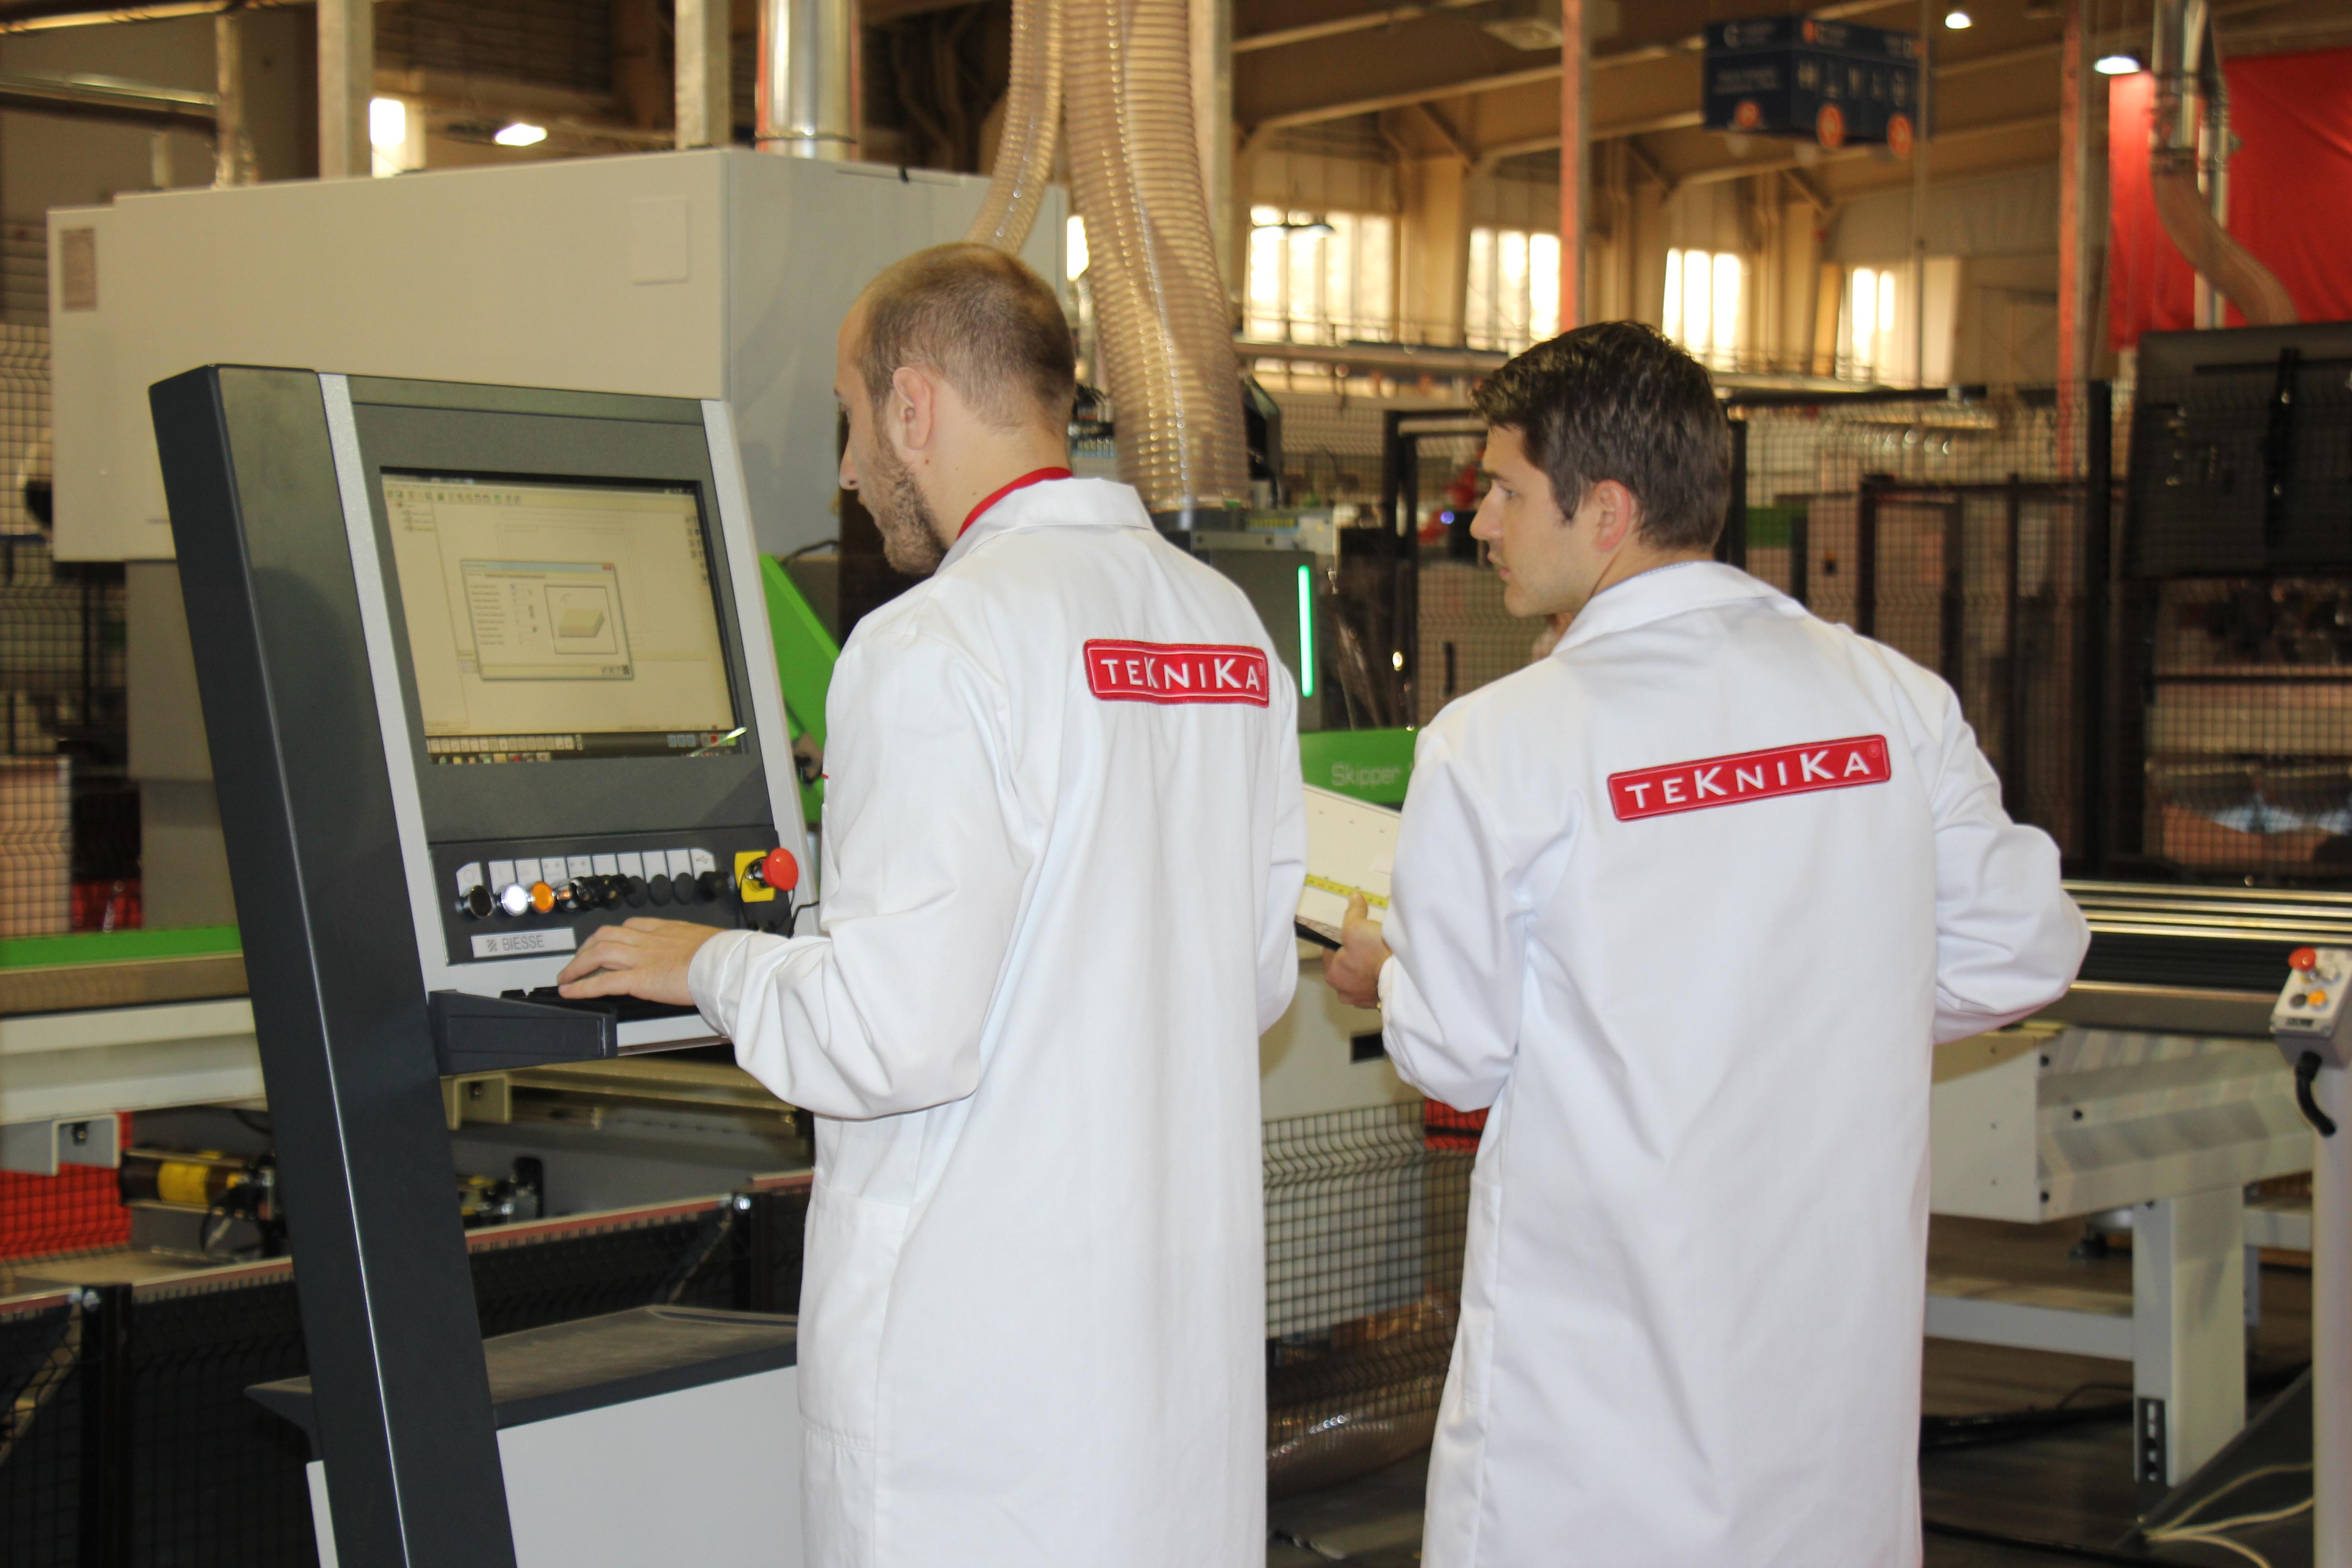 Programowanie prac maszyny, wprowadzanie programów obróbczych ? tego będą mogli nauczyć się stażyści w firmie TEKNIKA. fot. TEKNIKA